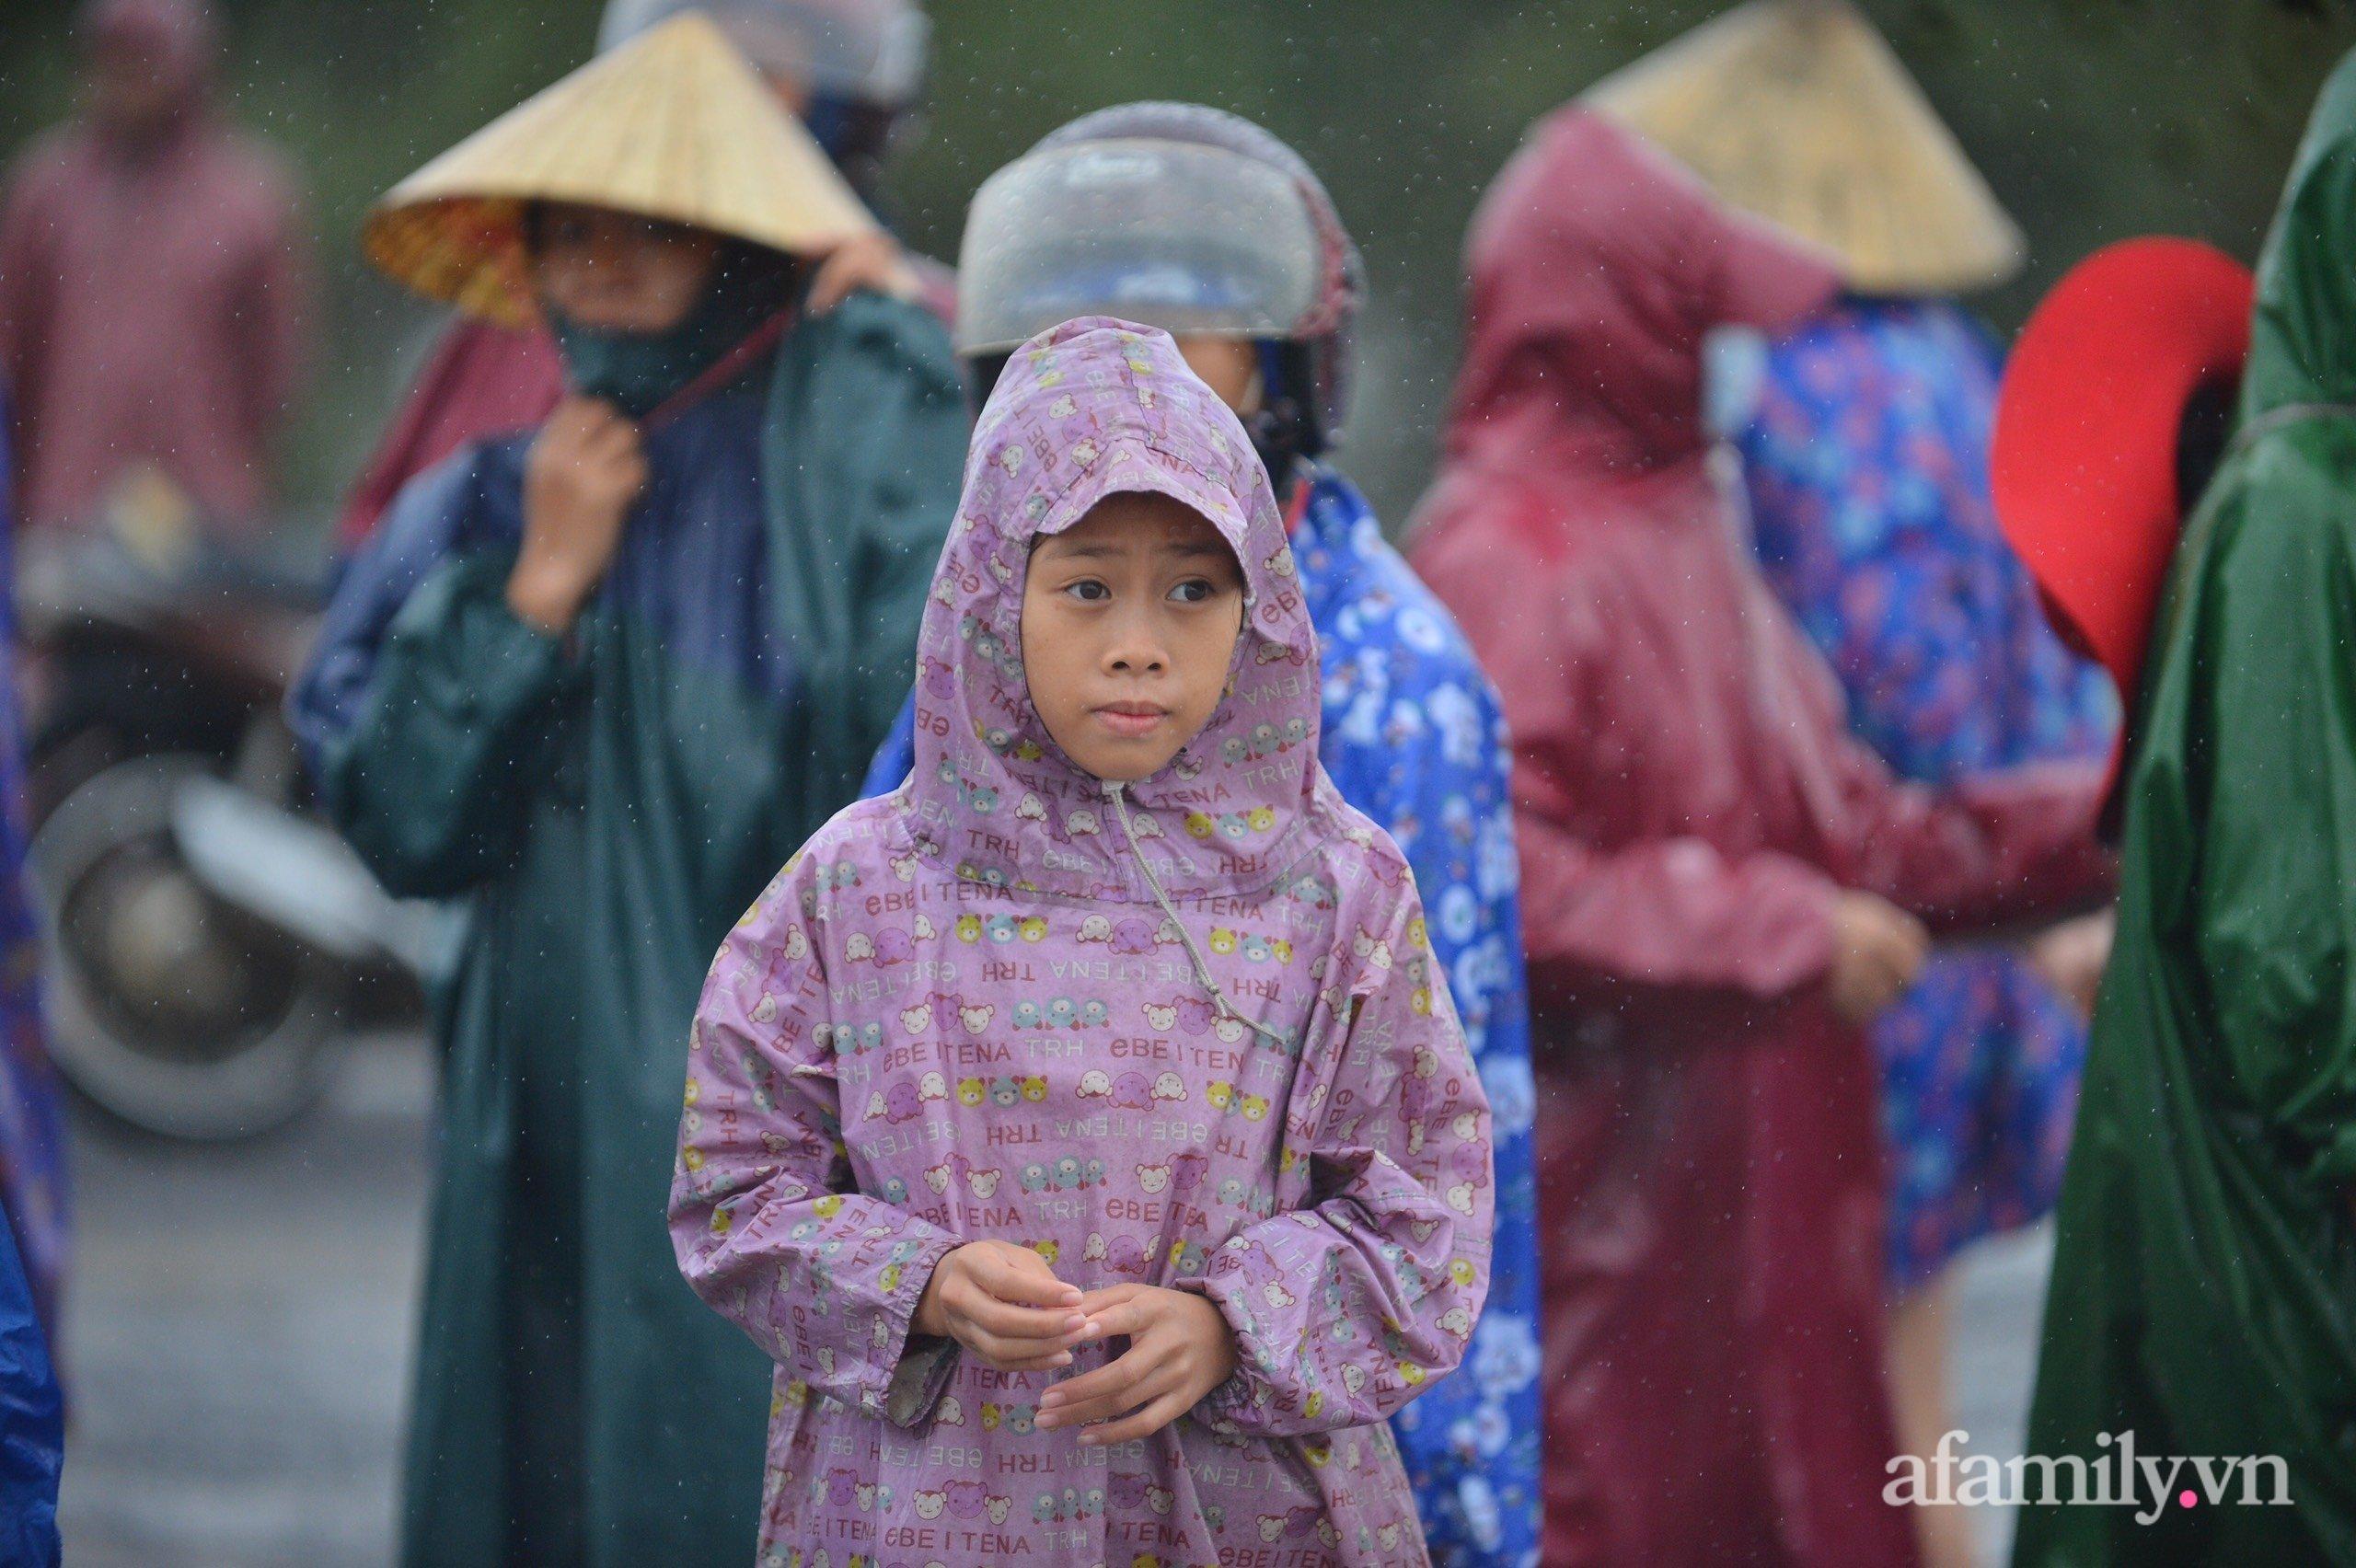 Quảng Bình: Nước ngập nhà cửa, người dân đội mưa vượt đồi cát hơn 1km ra đường quốc lộ xin đồ cứu trợ - Ảnh 6.